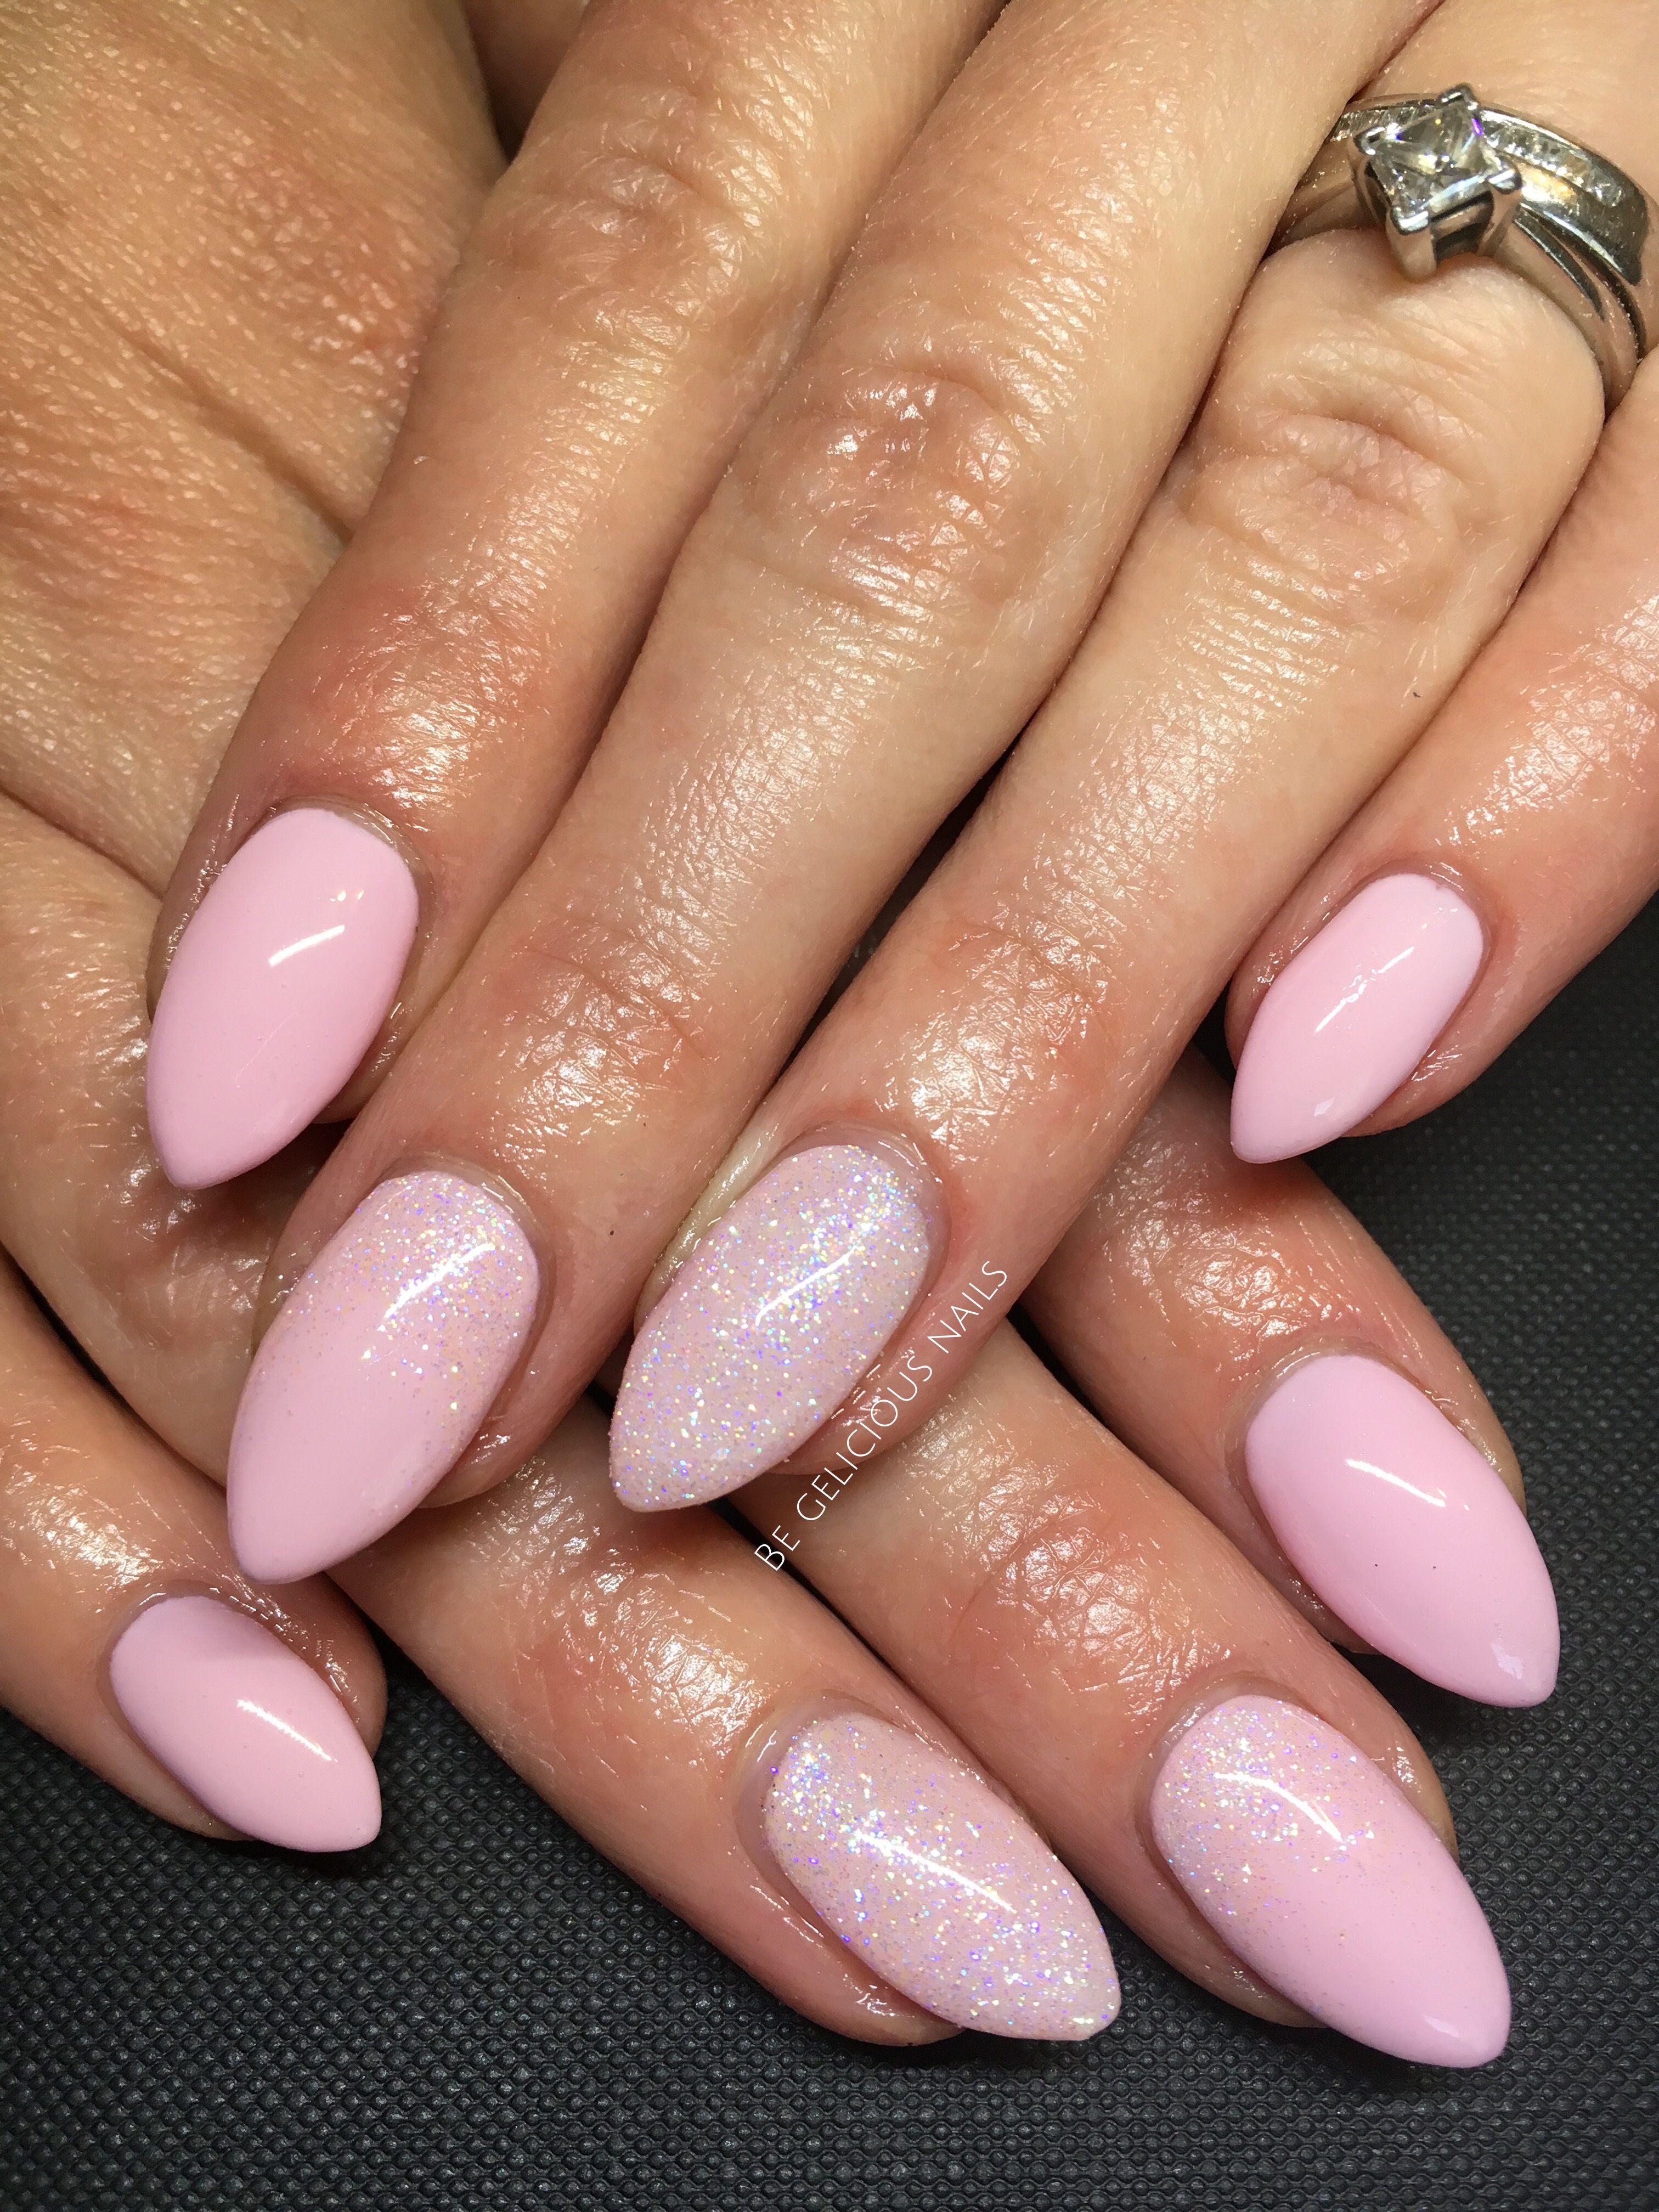 Calgel Nails Gel Nails Pink Nails Glitter Nails Princess Nails